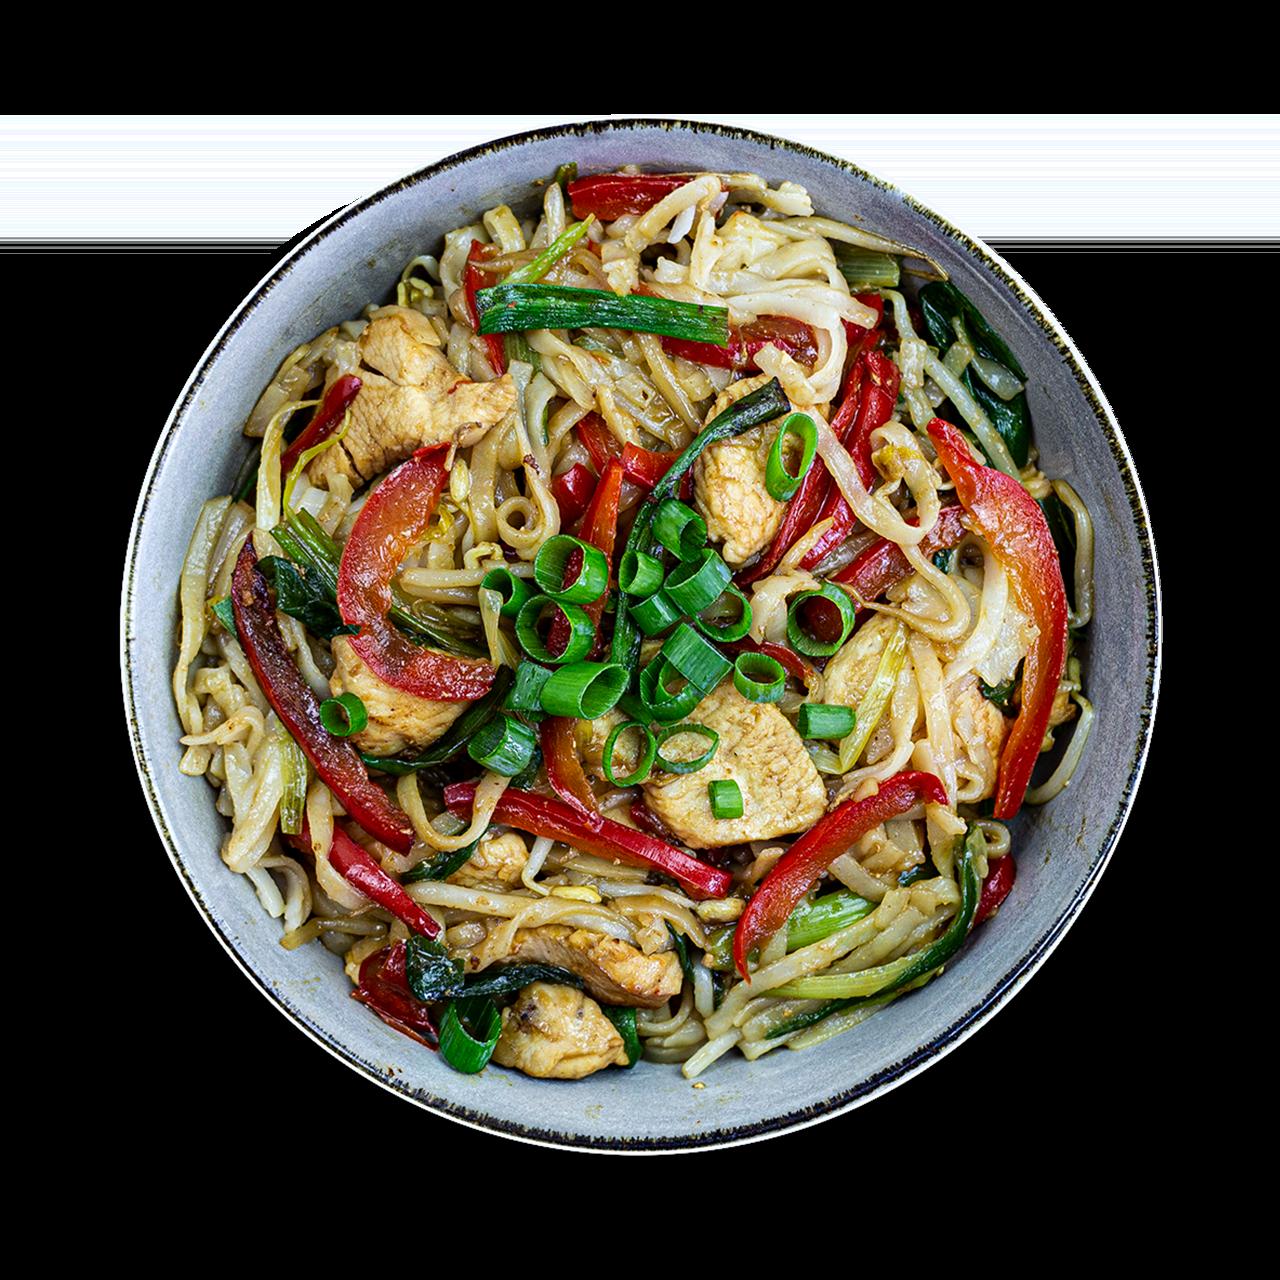 tostibanaan-wok-kip-paprika-tauge-lenteui